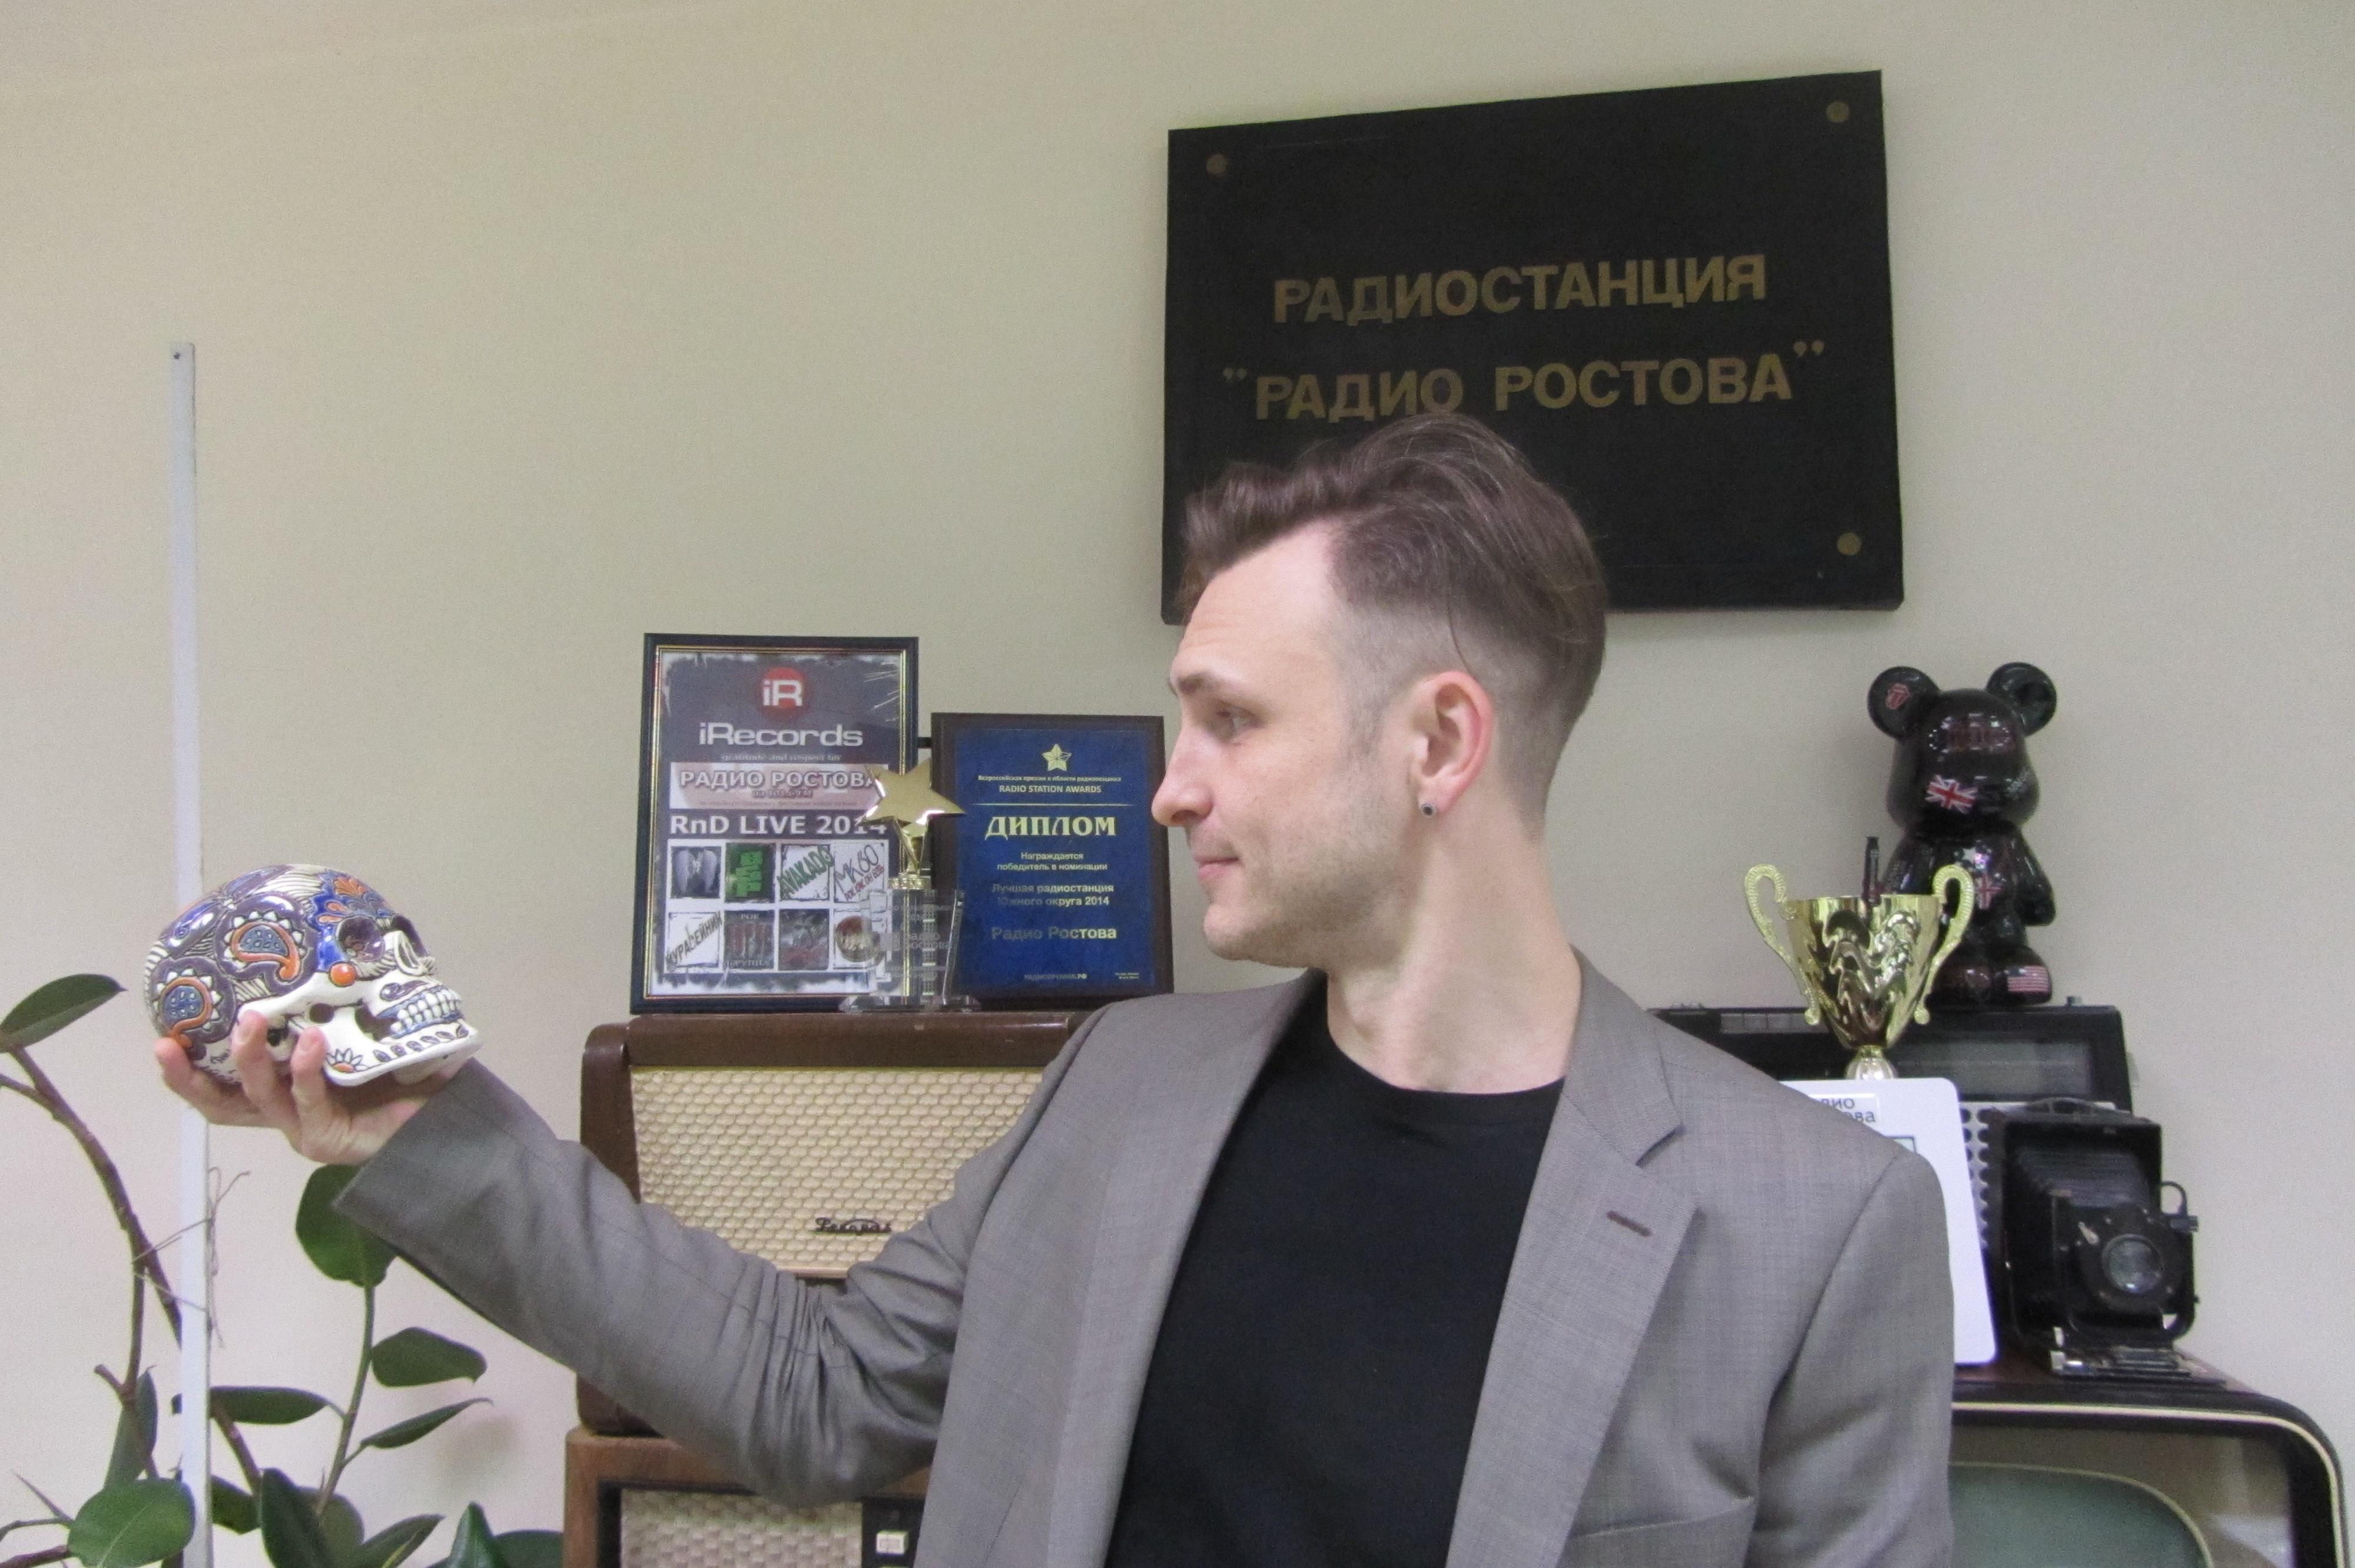 Денис Малышев. Радио Ростова. Фото: Галина Пилипенко